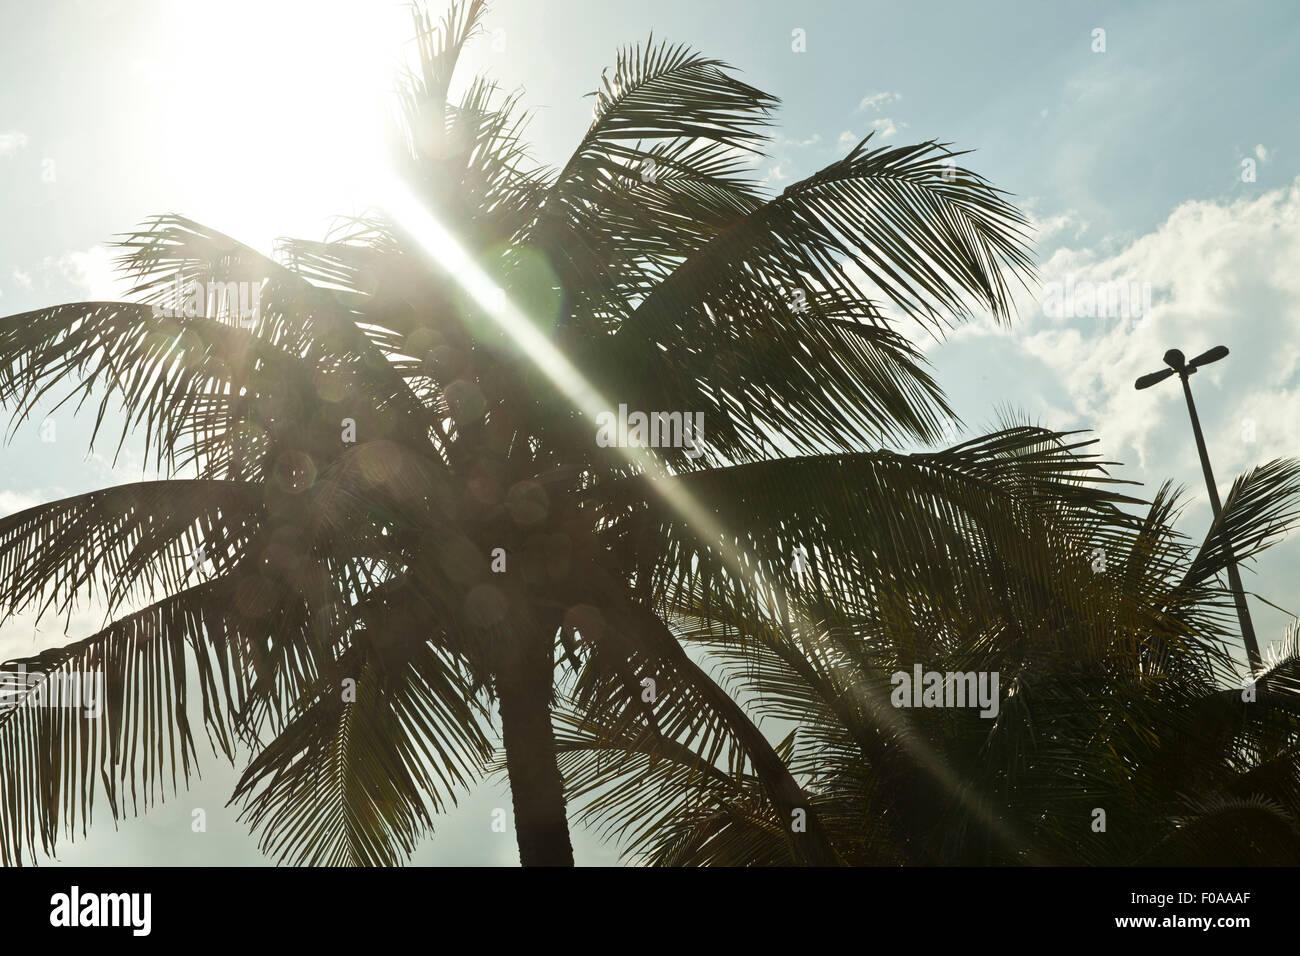 Palmiers et soleil, Rio de Janeiro, Brésil Photo Stock